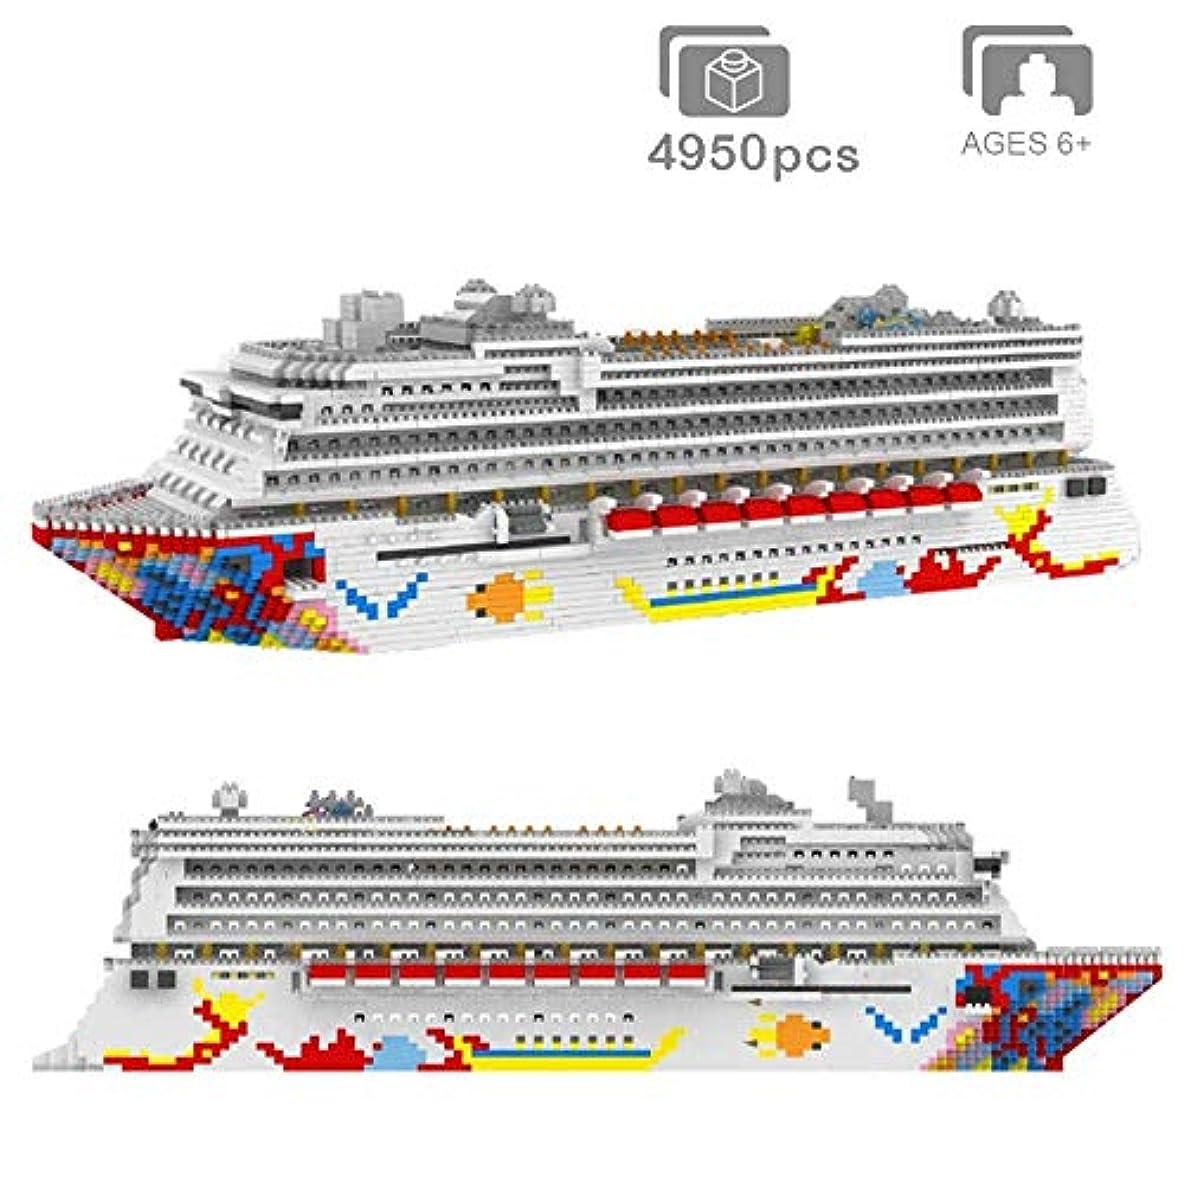 首相気を散らす内向きLcxliga 豪華クルーズ船船大型ホワイトボート3DモデルDIYダイヤモンドミニビルマイクロナノレンガブロックアセンブリ